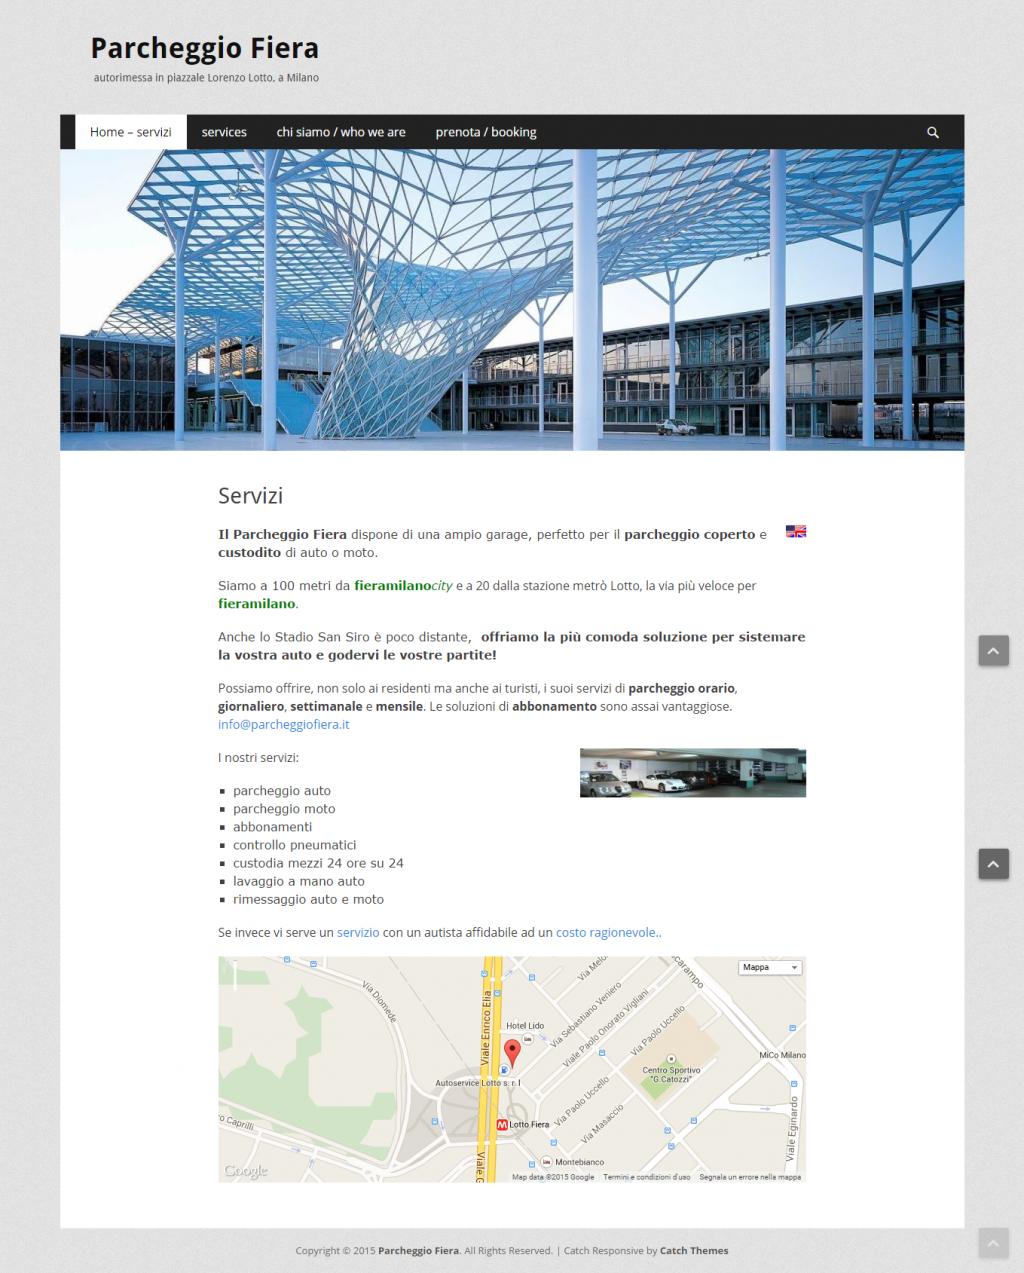 screenshot-www.parcheggiofiera.it-2015-04-19-16-54-20-e1429456310893